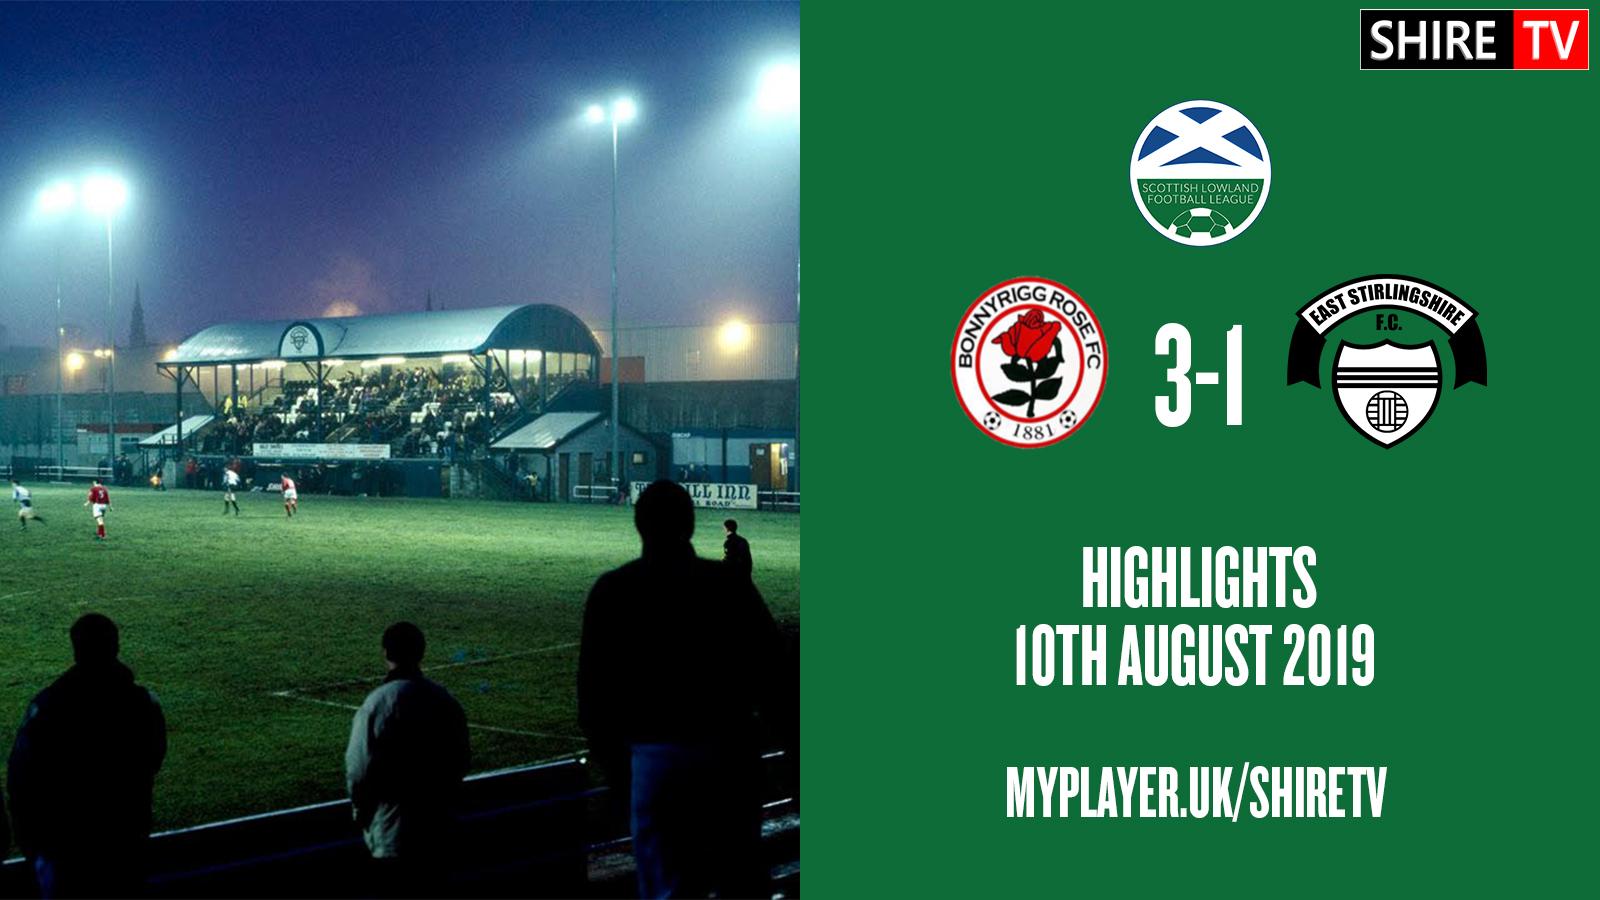 Bonnyrigg Rose V East Stirlingshire (Lowland League 10th August 2019)